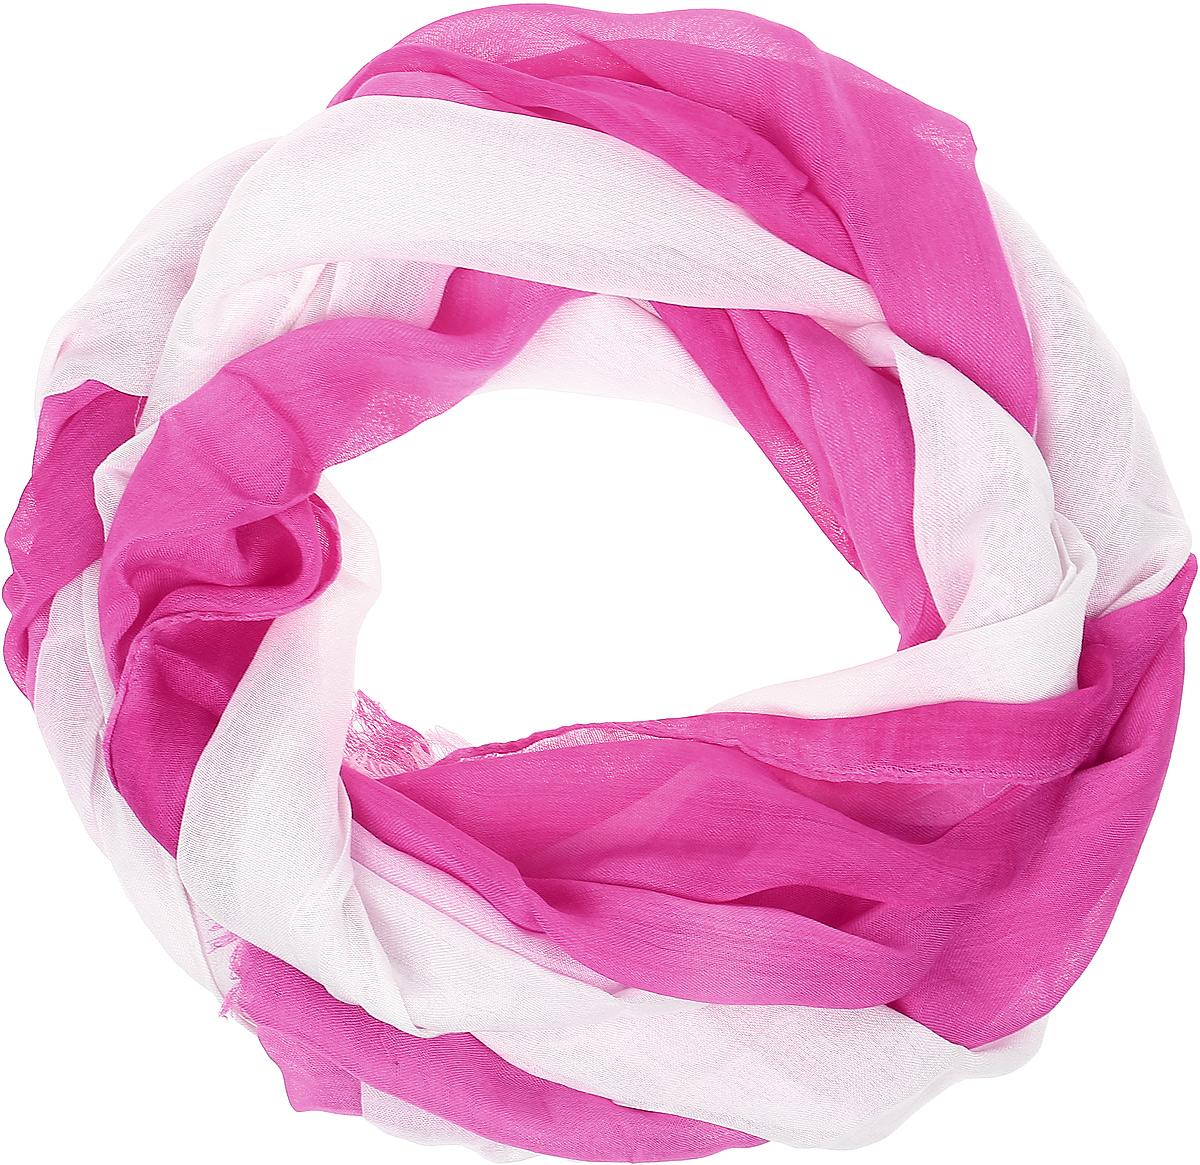 Палантин женский Vitta pelle, цвет: розовый. Ro02PG1625/3. Размер 70 см х 180 смRo02PG1625/3Широкий палантин с переходом цвета. Отделка края - осыпка.